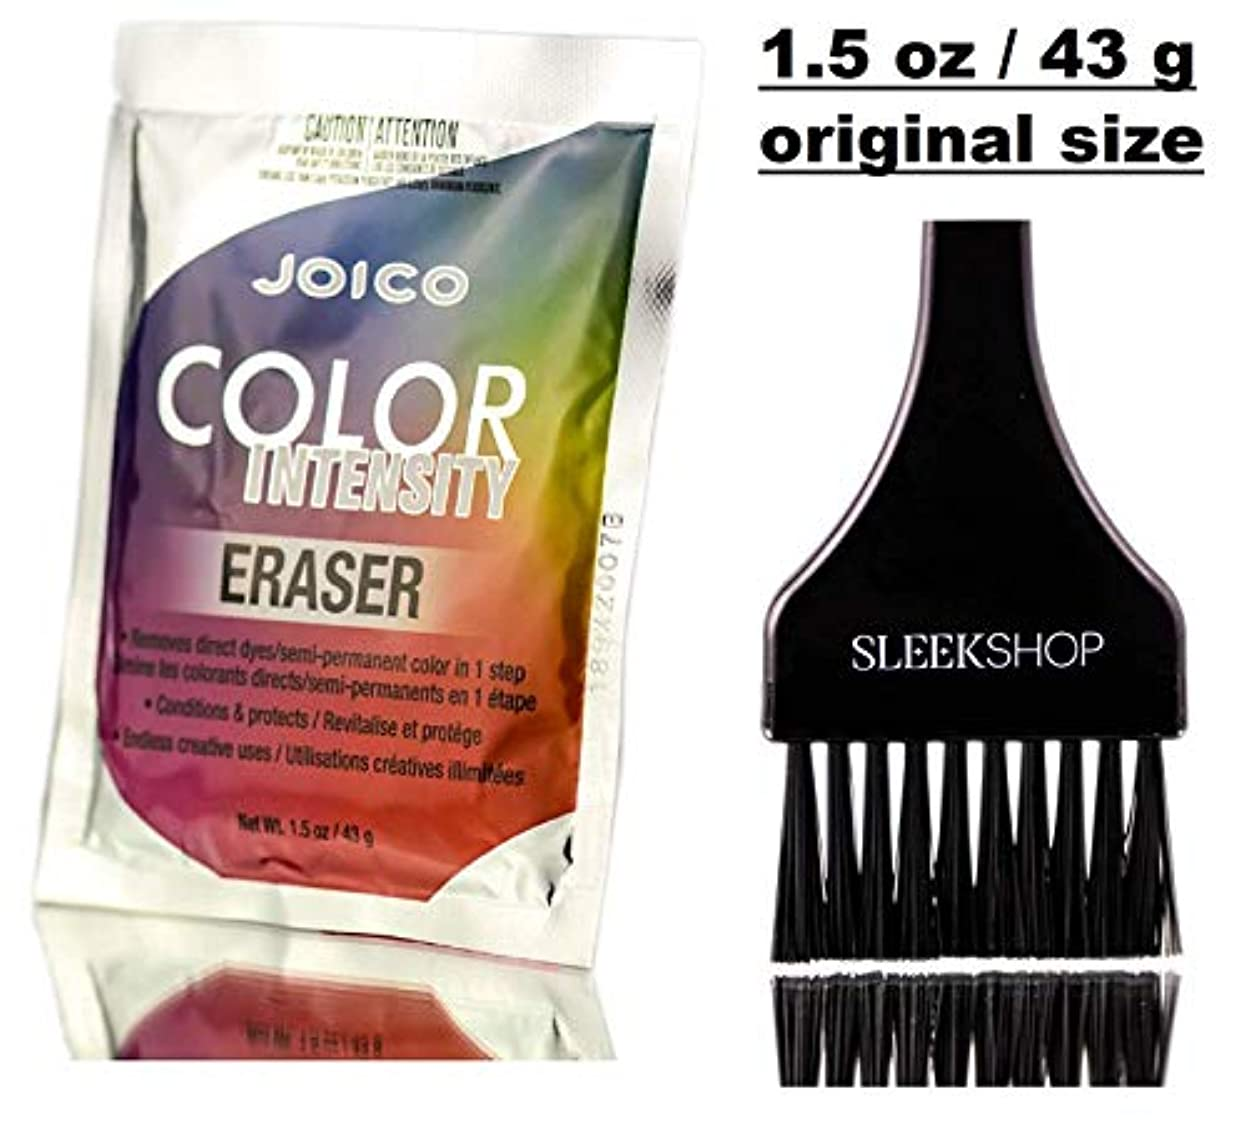 お肉印刷する消毒剤Joico Color Intensity Eraser 、削除し直接染料&半永久的な色で1ステップ、条件&保護し、エンドレスクリエイティブ使用方法(スタイリストキット)クリームヘアカラー髪の色素(1.5オズ - オリジナルサイズ...